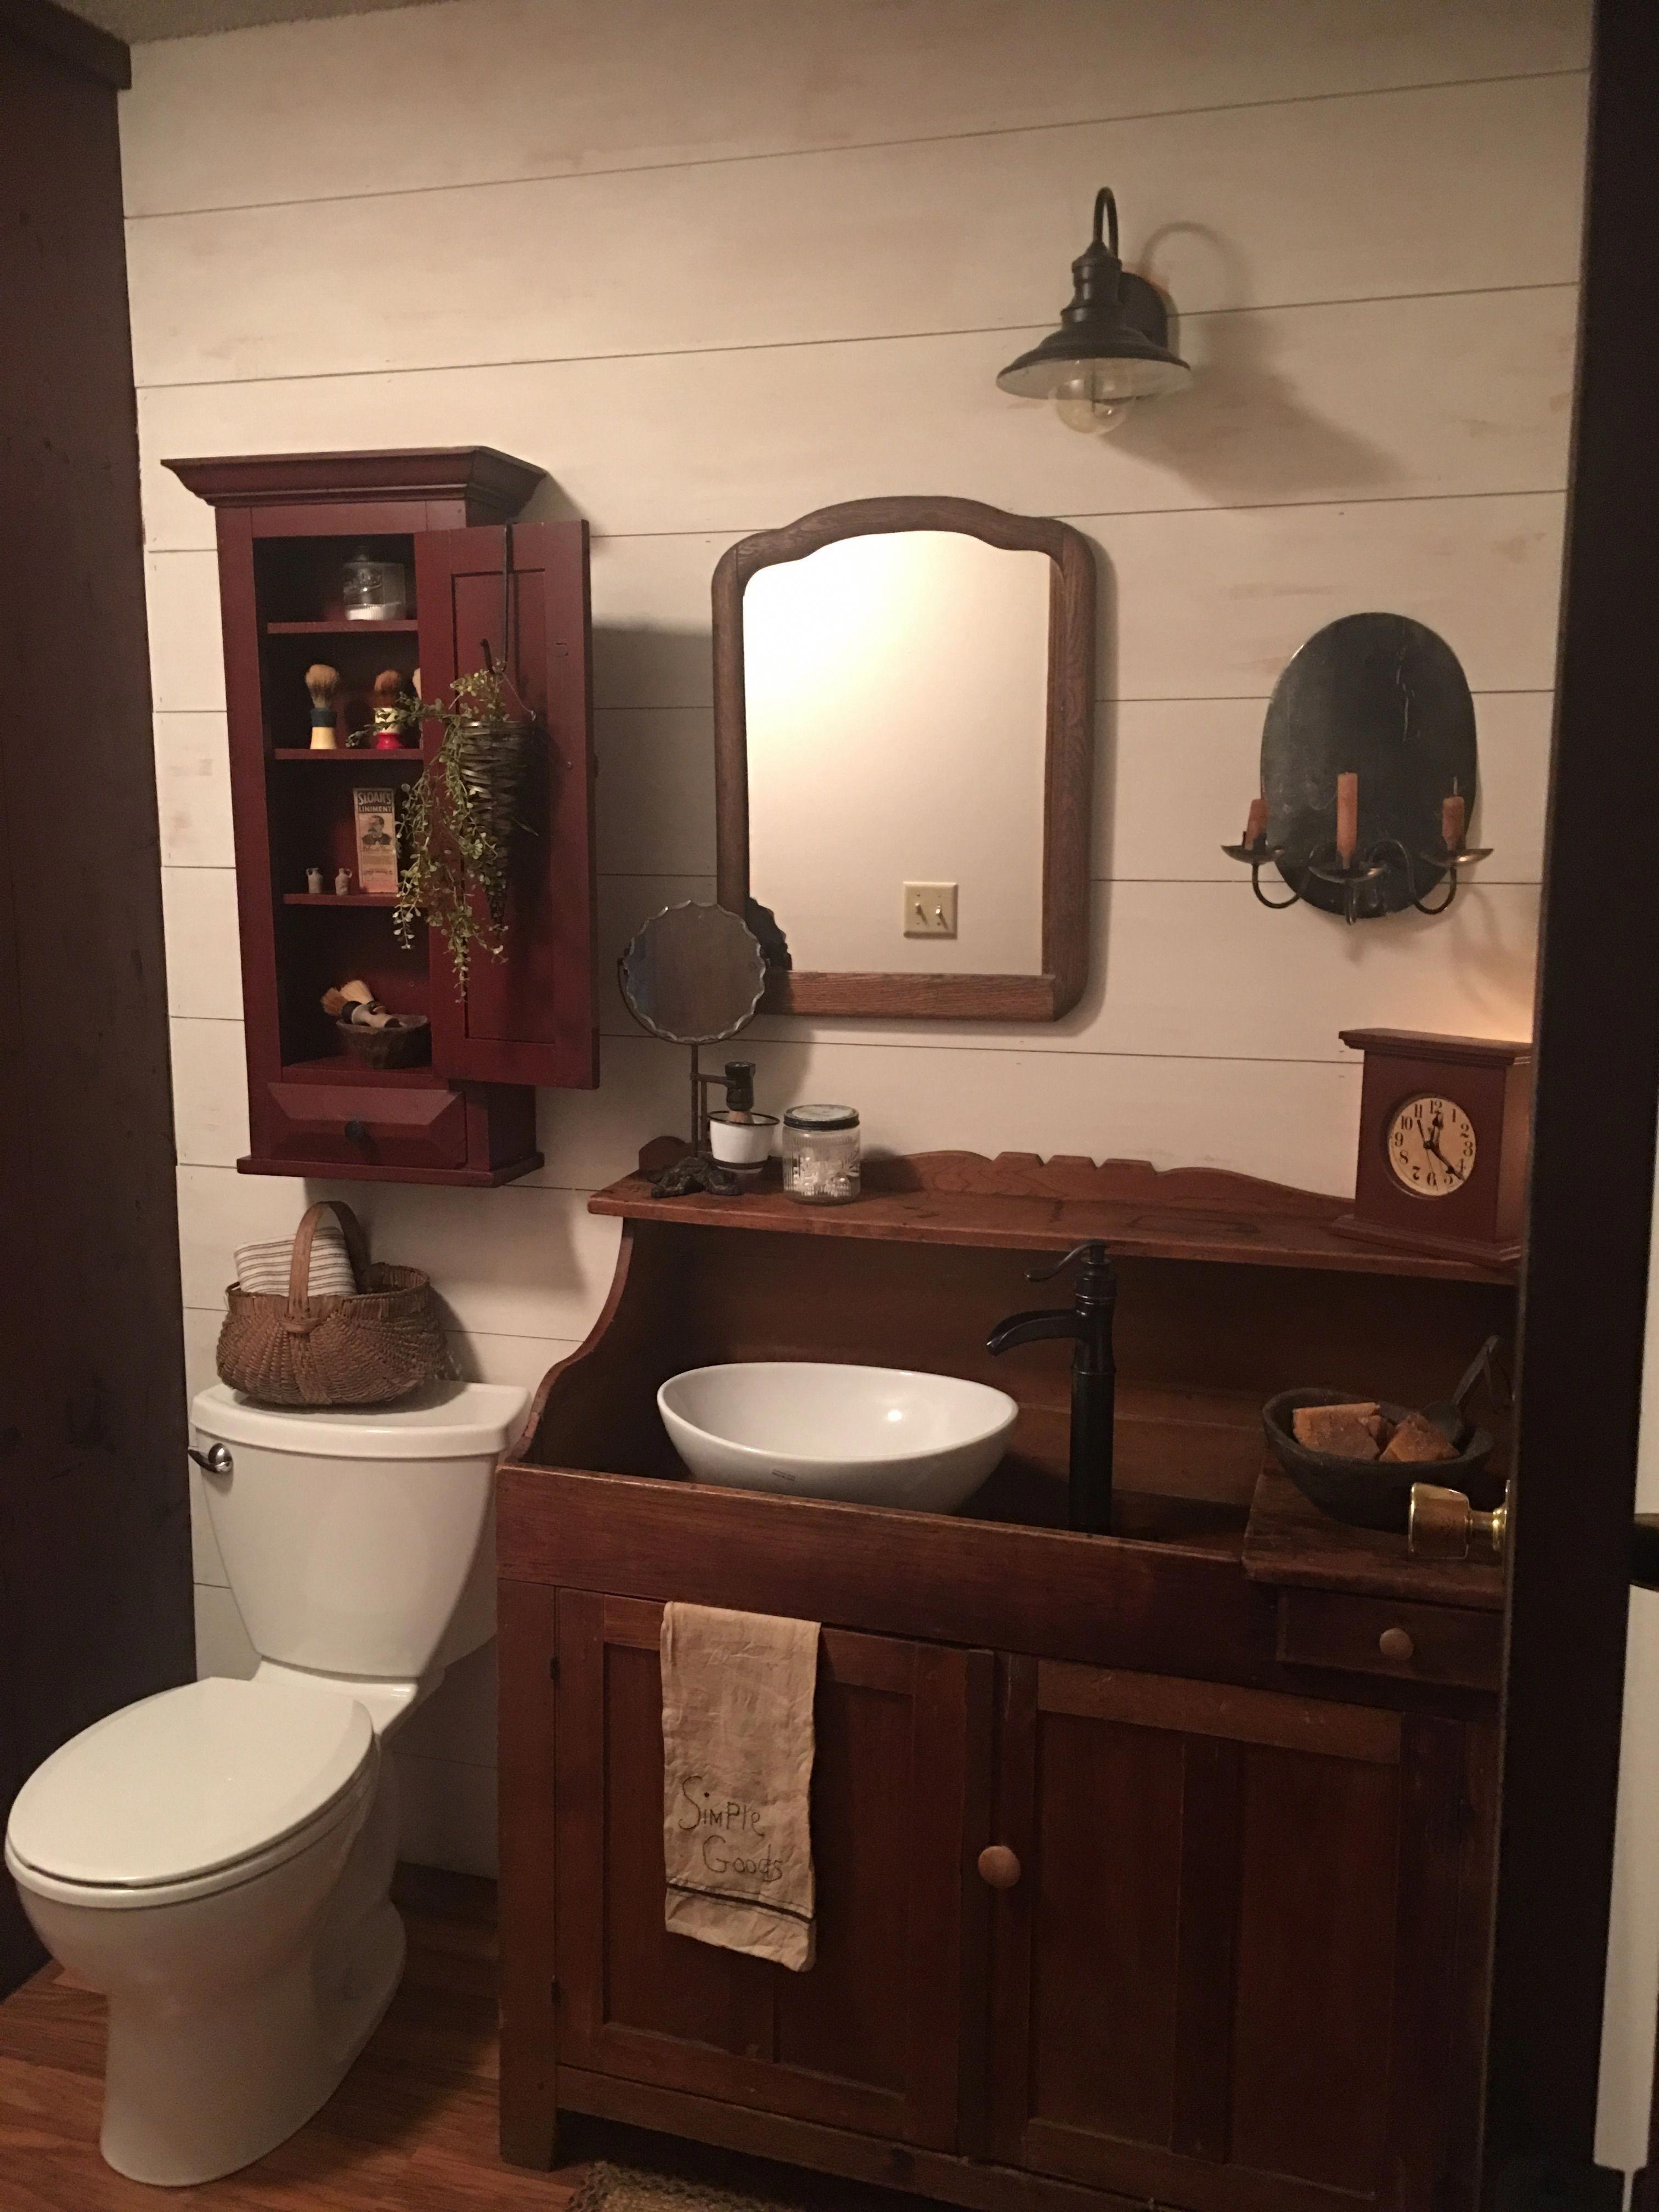 Primitive Bathroom Decor Primitivebathrooms In 2020 Primitive Bathrooms Primitive Bathroom Decor Primitive Country Bathrooms